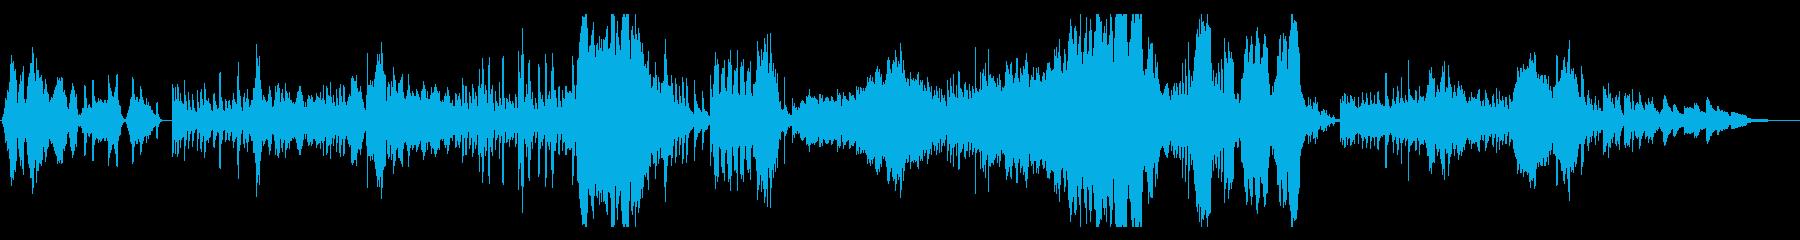 ドビュッシー 神聖な舞曲 ハープと弦の再生済みの波形